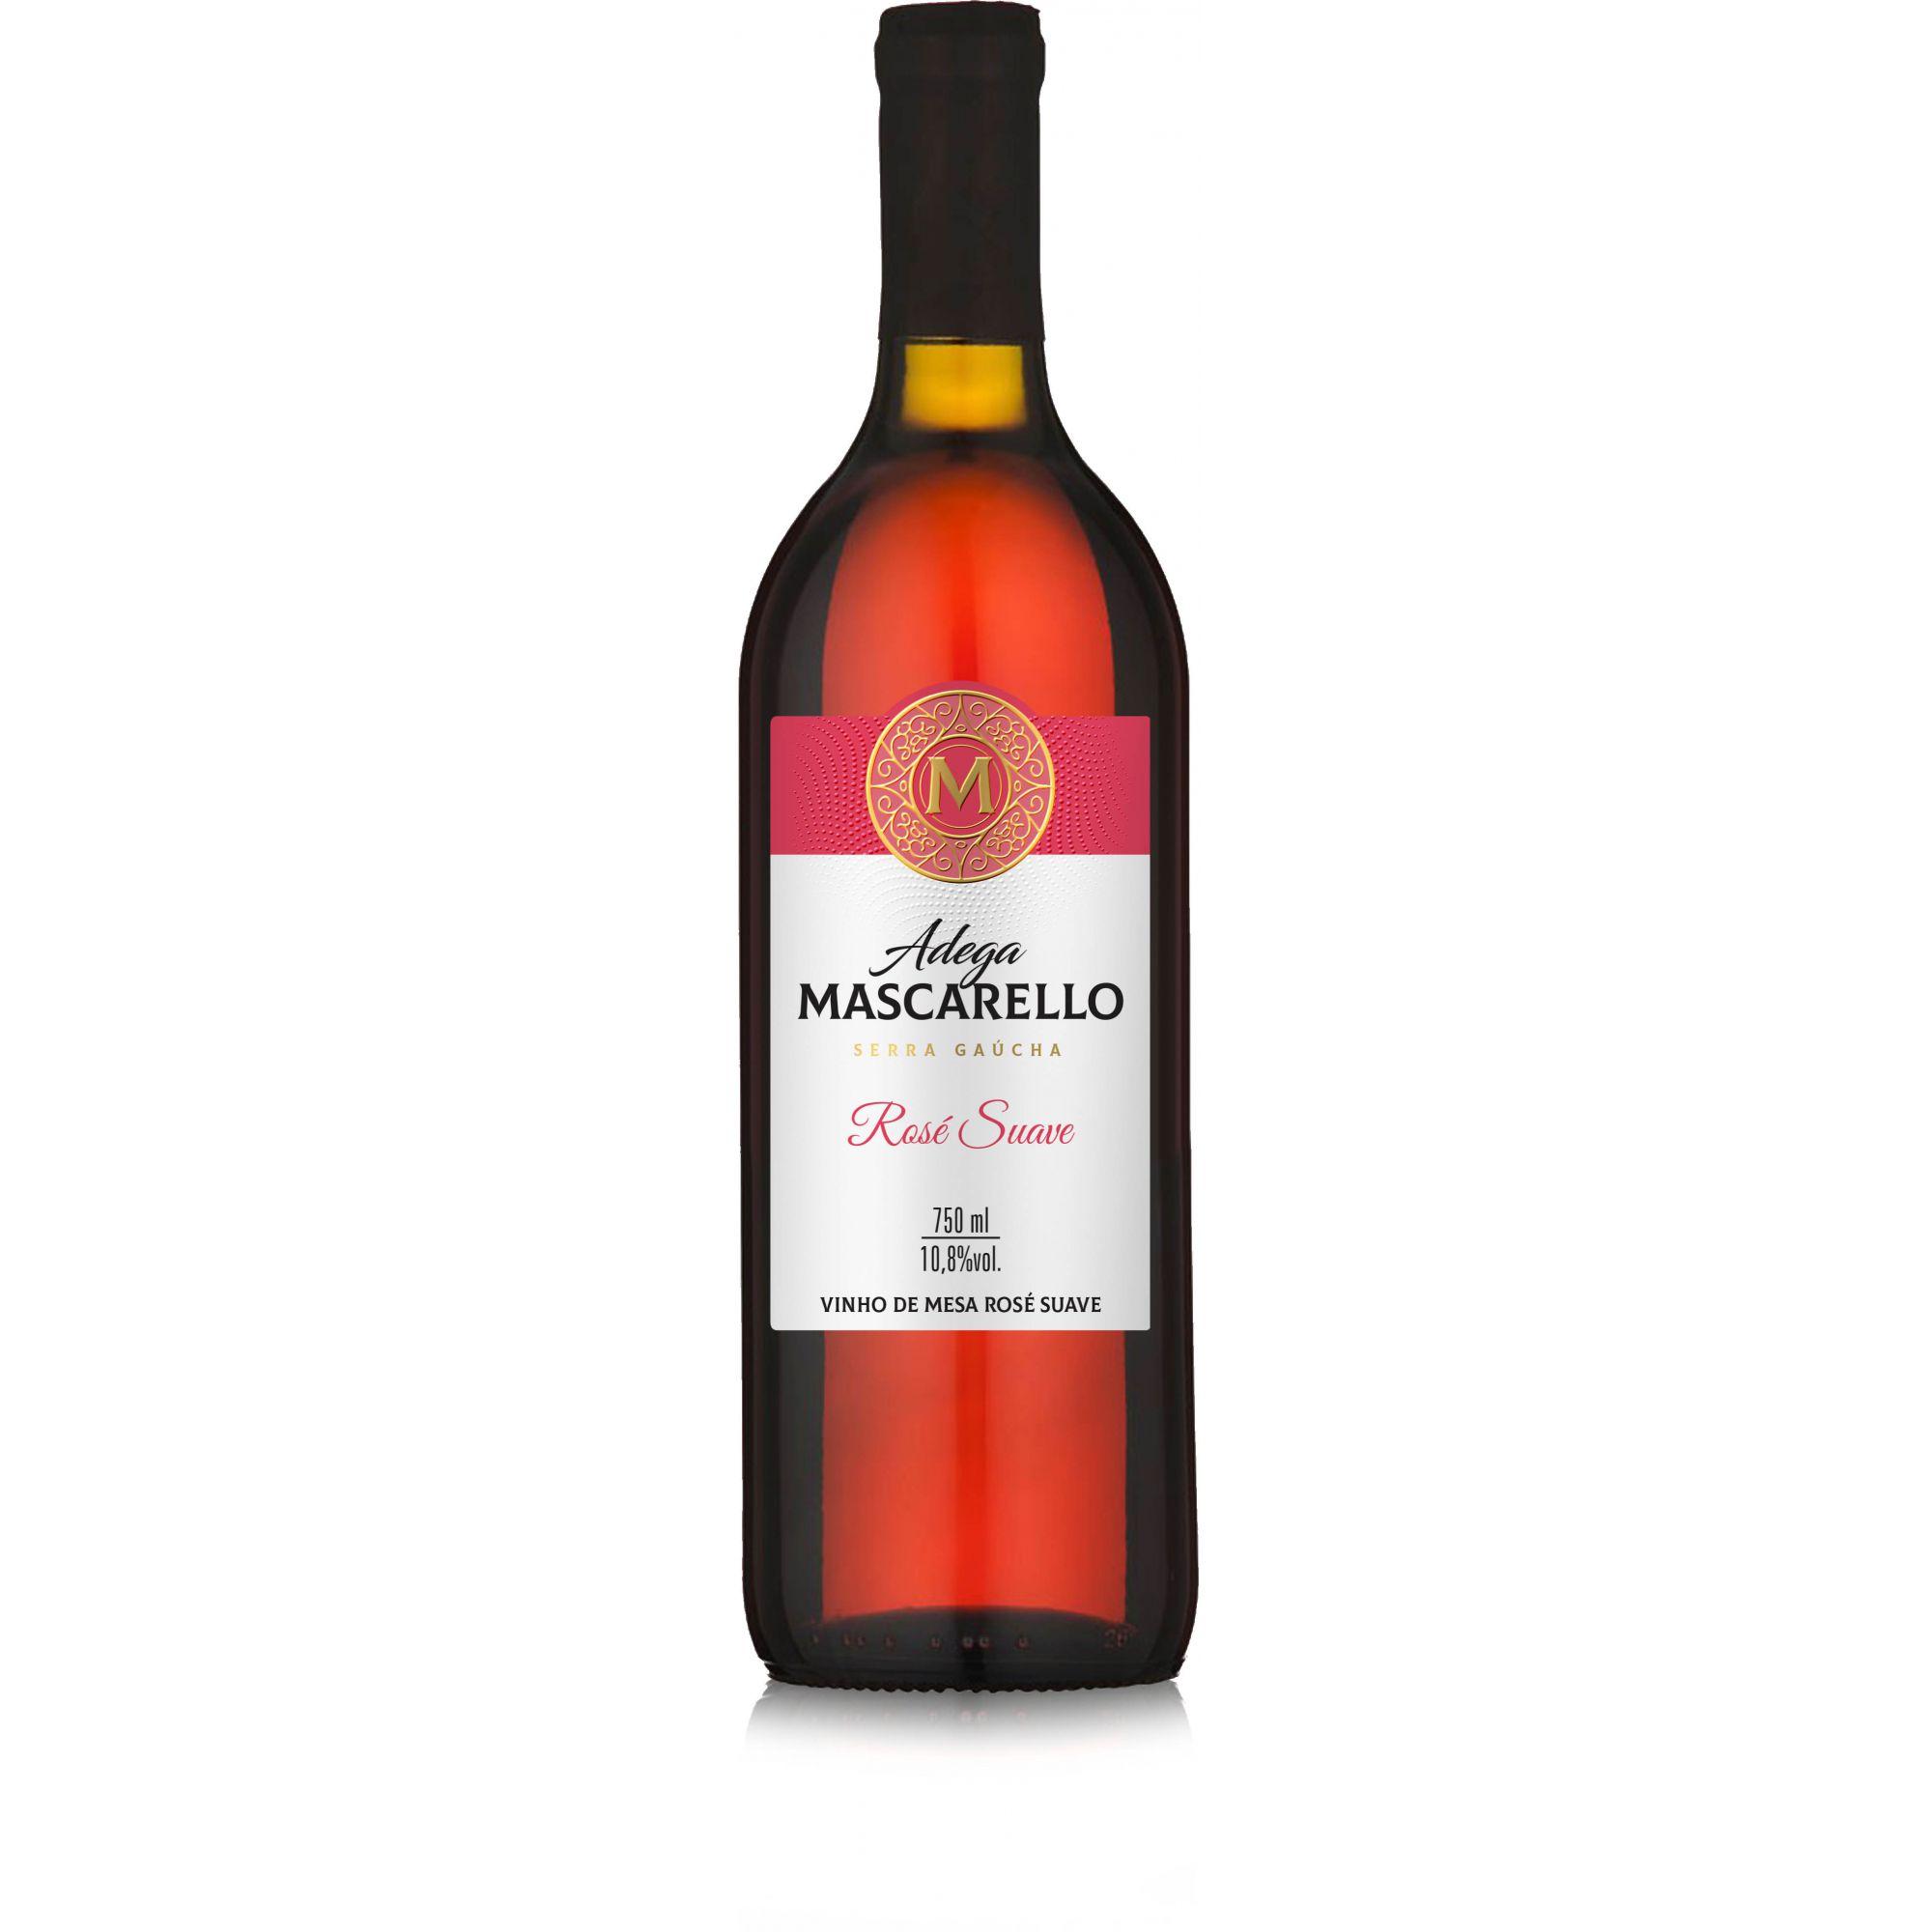 Caixa com 12 un - Vinho Rosé Suave 750ml